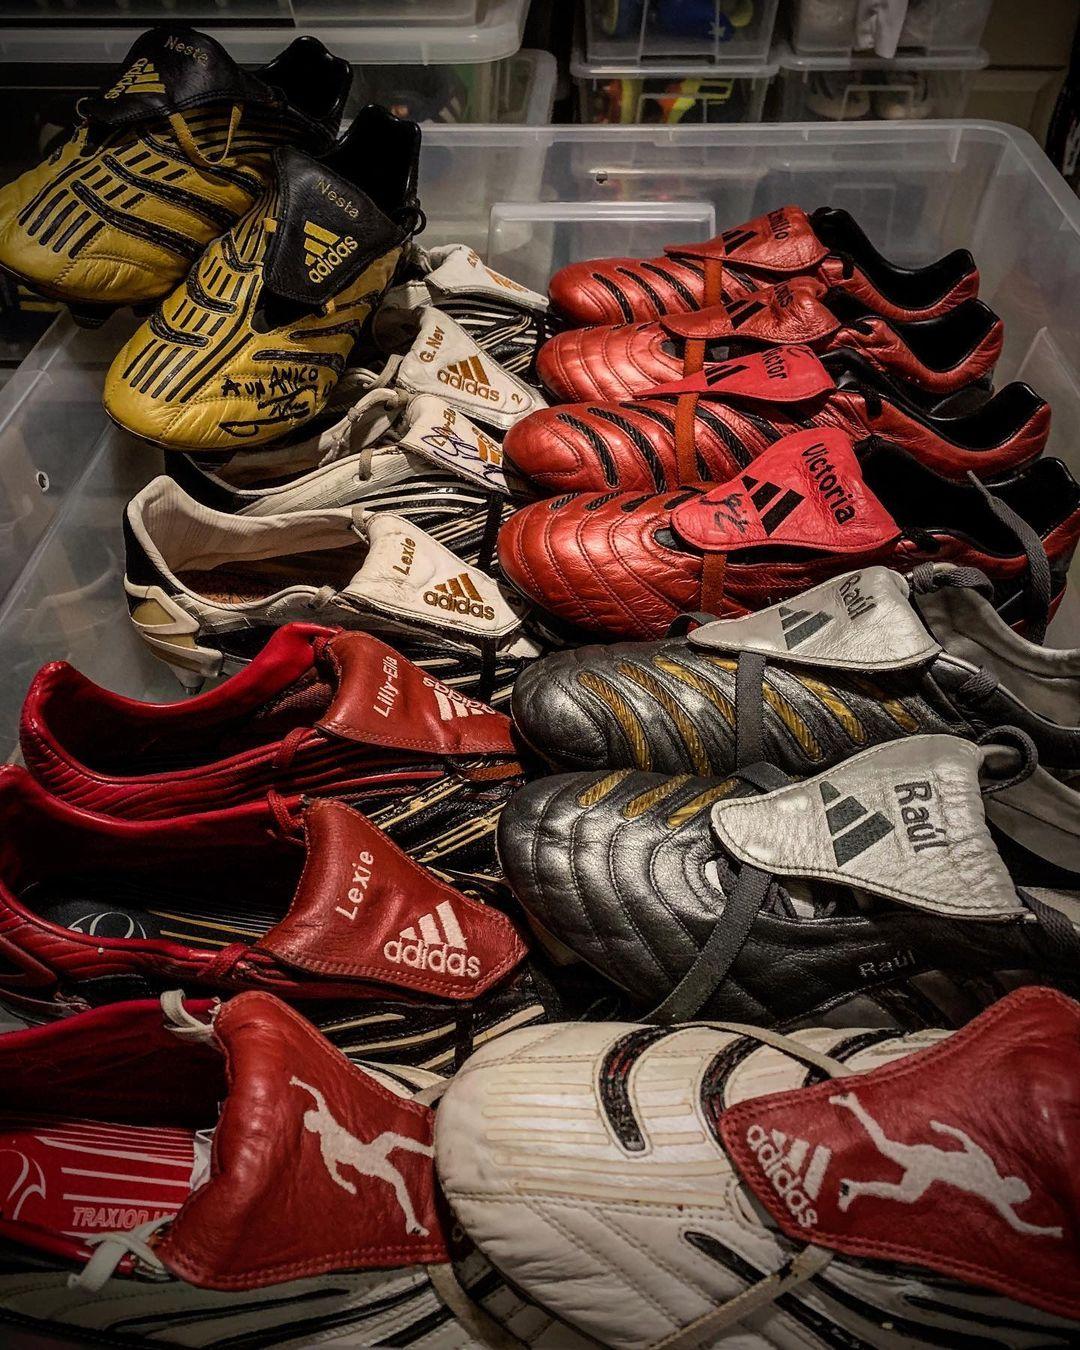 Người đàn ông sở hữu những đôi Predator quý giá của David Beckham (P1) hình ảnh gốc 2